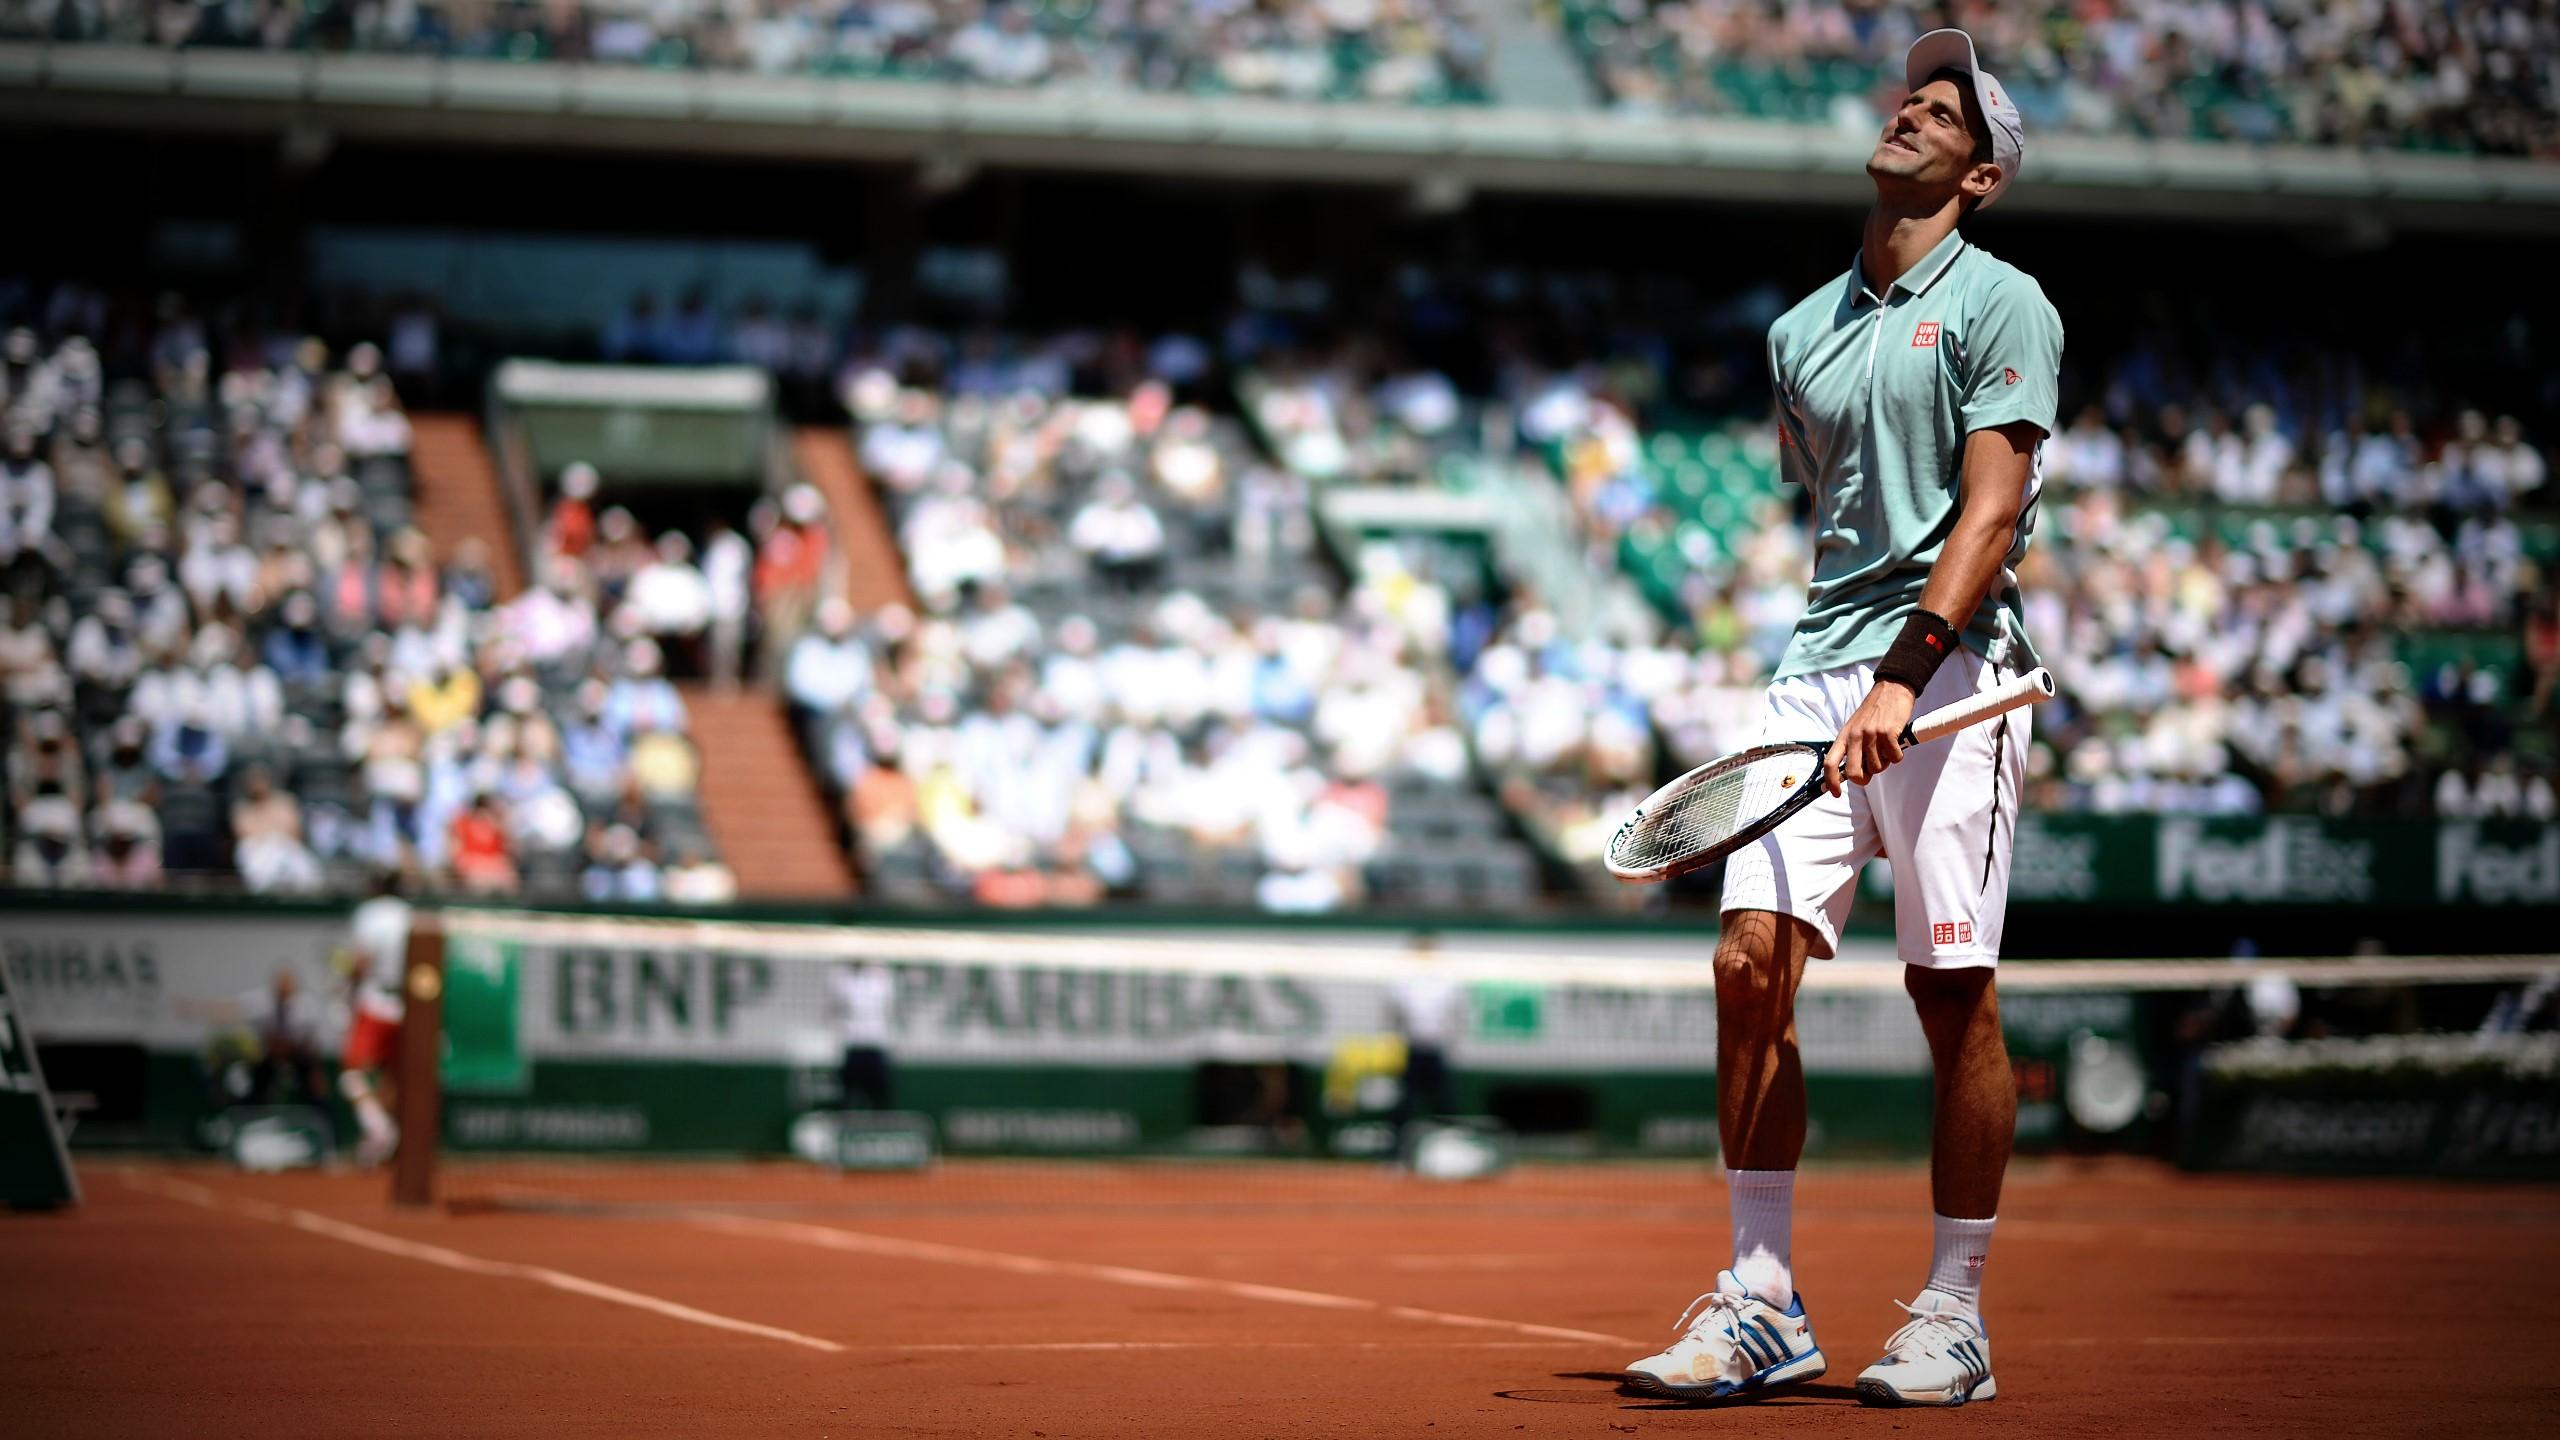 Djokovic during the extraordinary semi-final in 2013